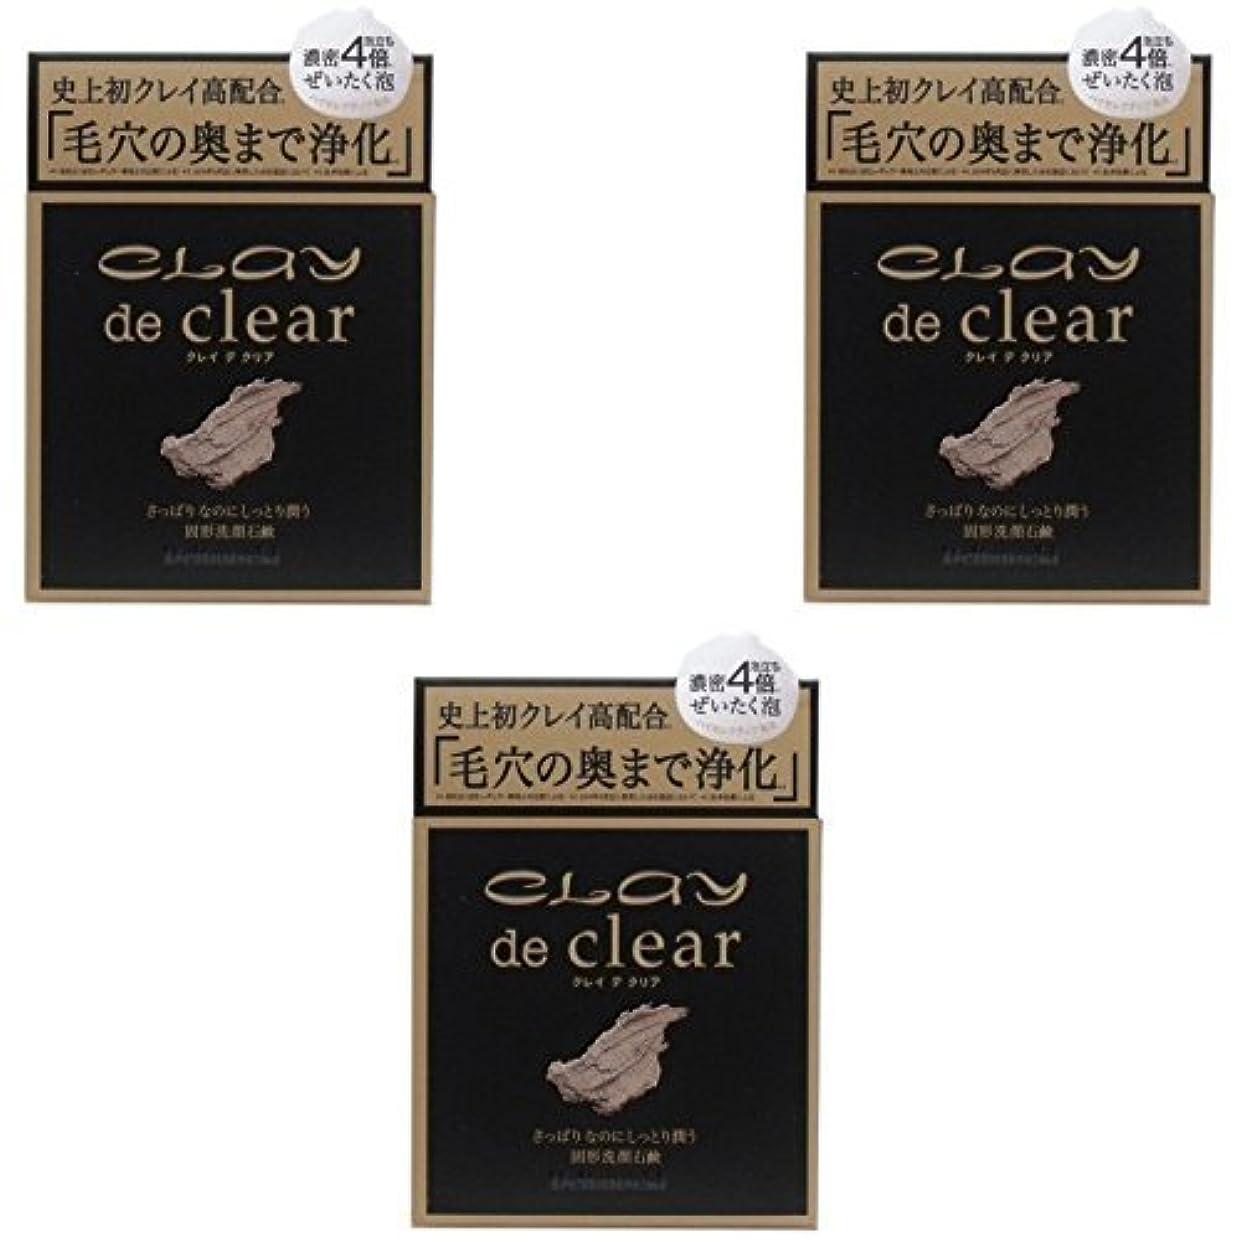 看板チップショッピングセンター【まとめ買い】クレイ デ クリア フェイシャルソープ 80g【×3個】